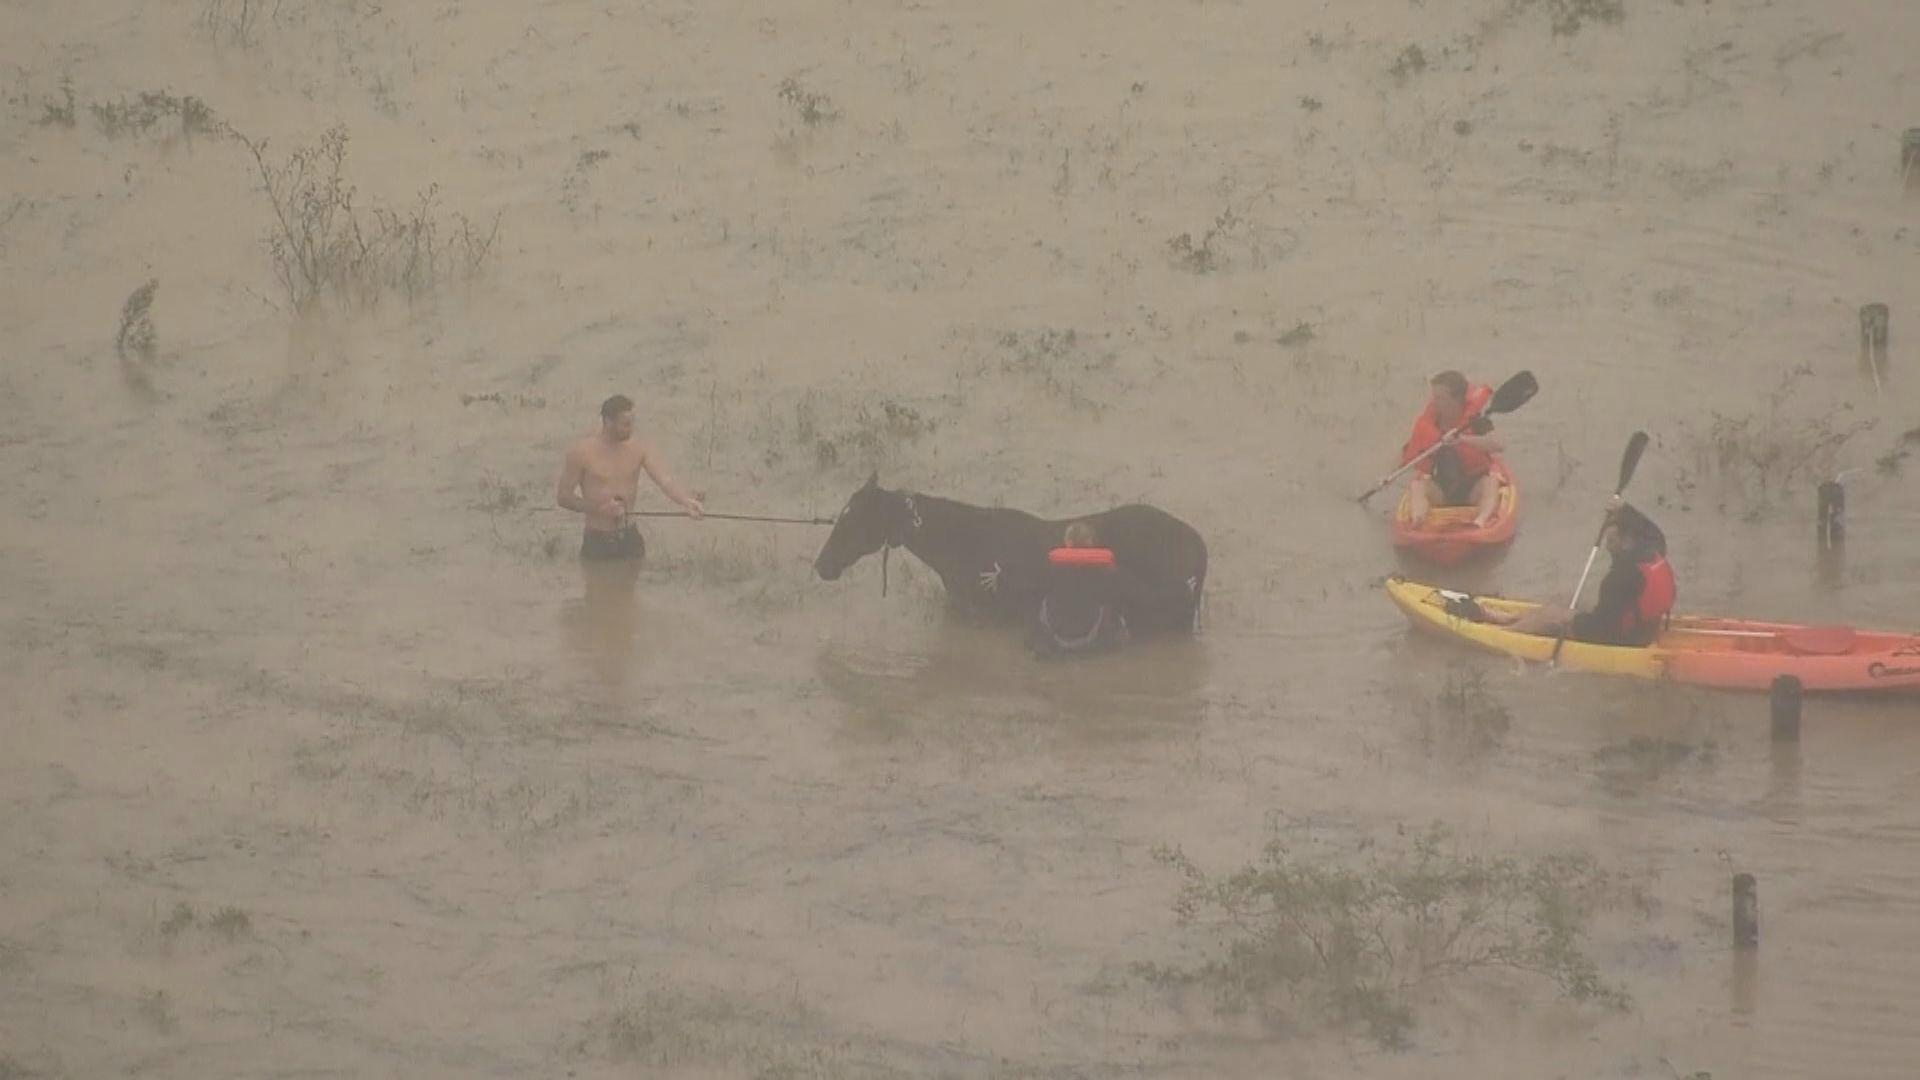 澳洲新南威爾士州水災 逾1.8萬人要撤離